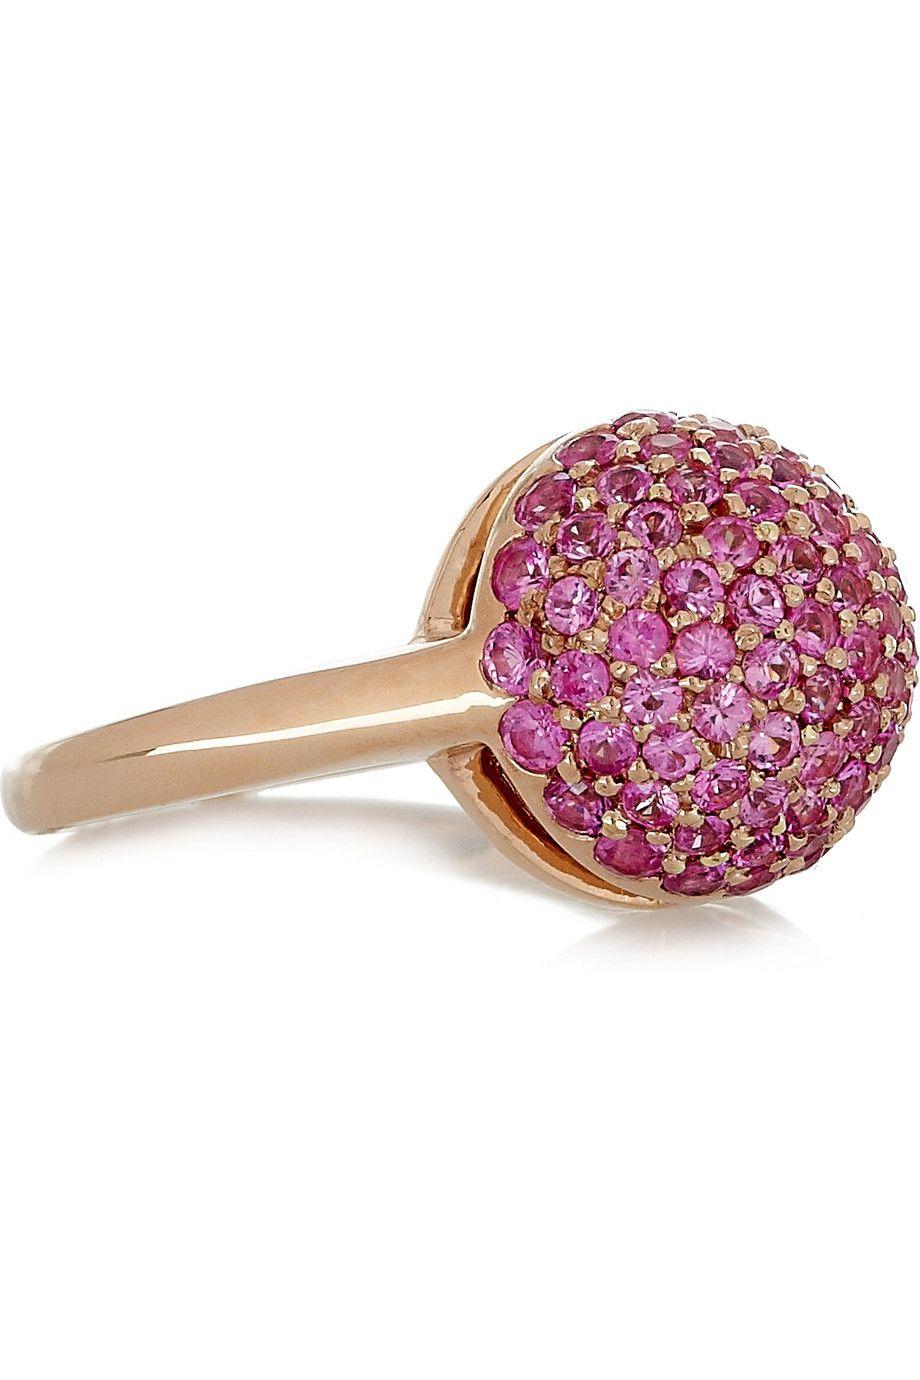 Carolina Bucci 18-karat Rose Gold Diamond Ring UICjHq